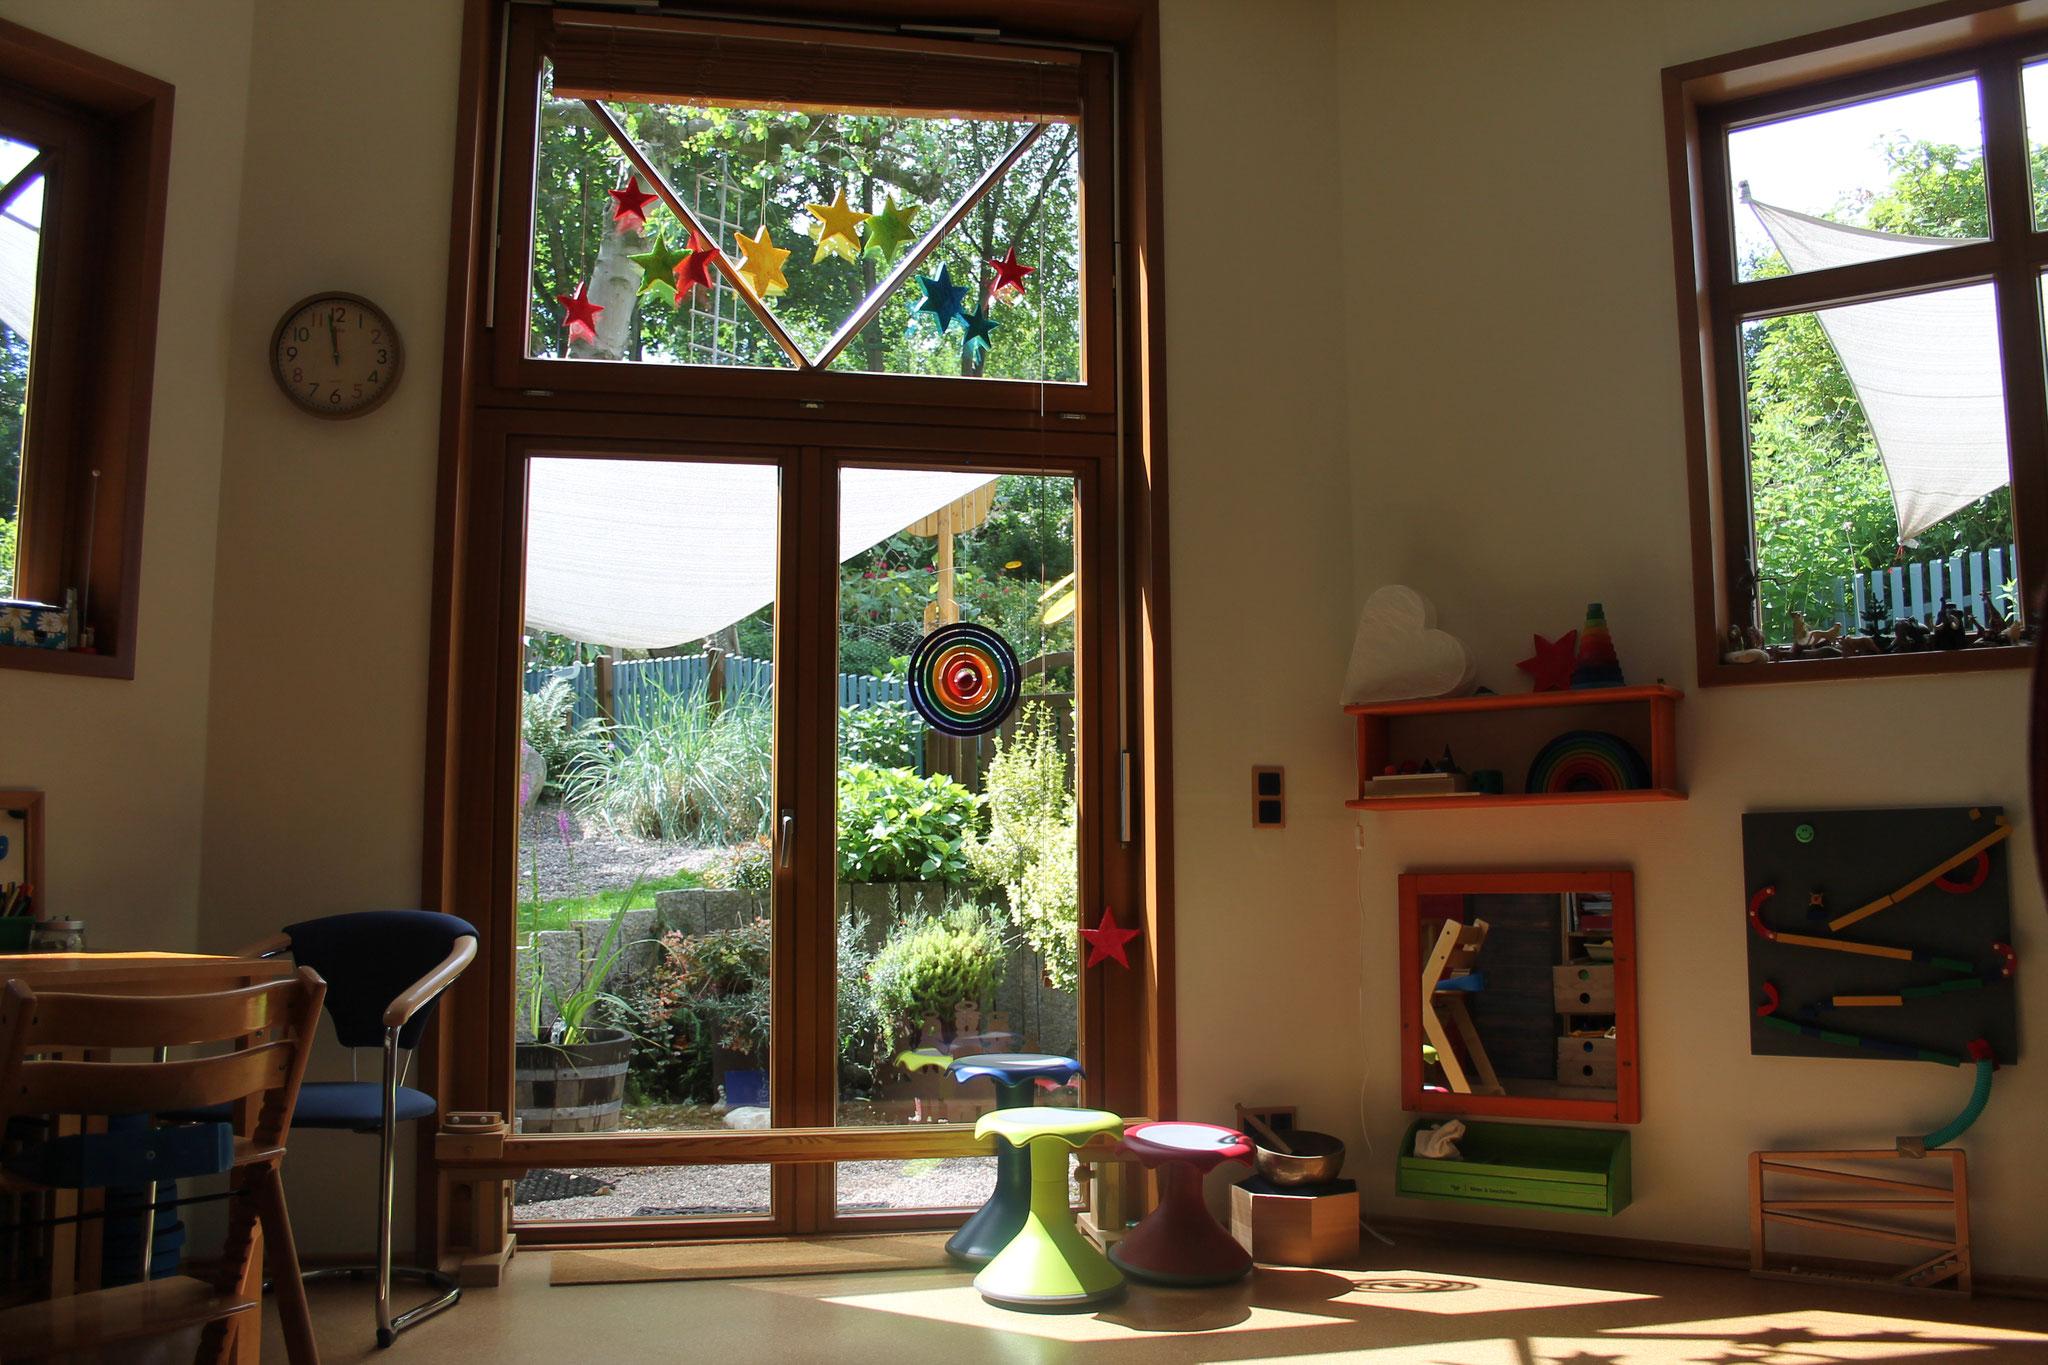 Der Blick in unseren Garten öffnet so manches ...